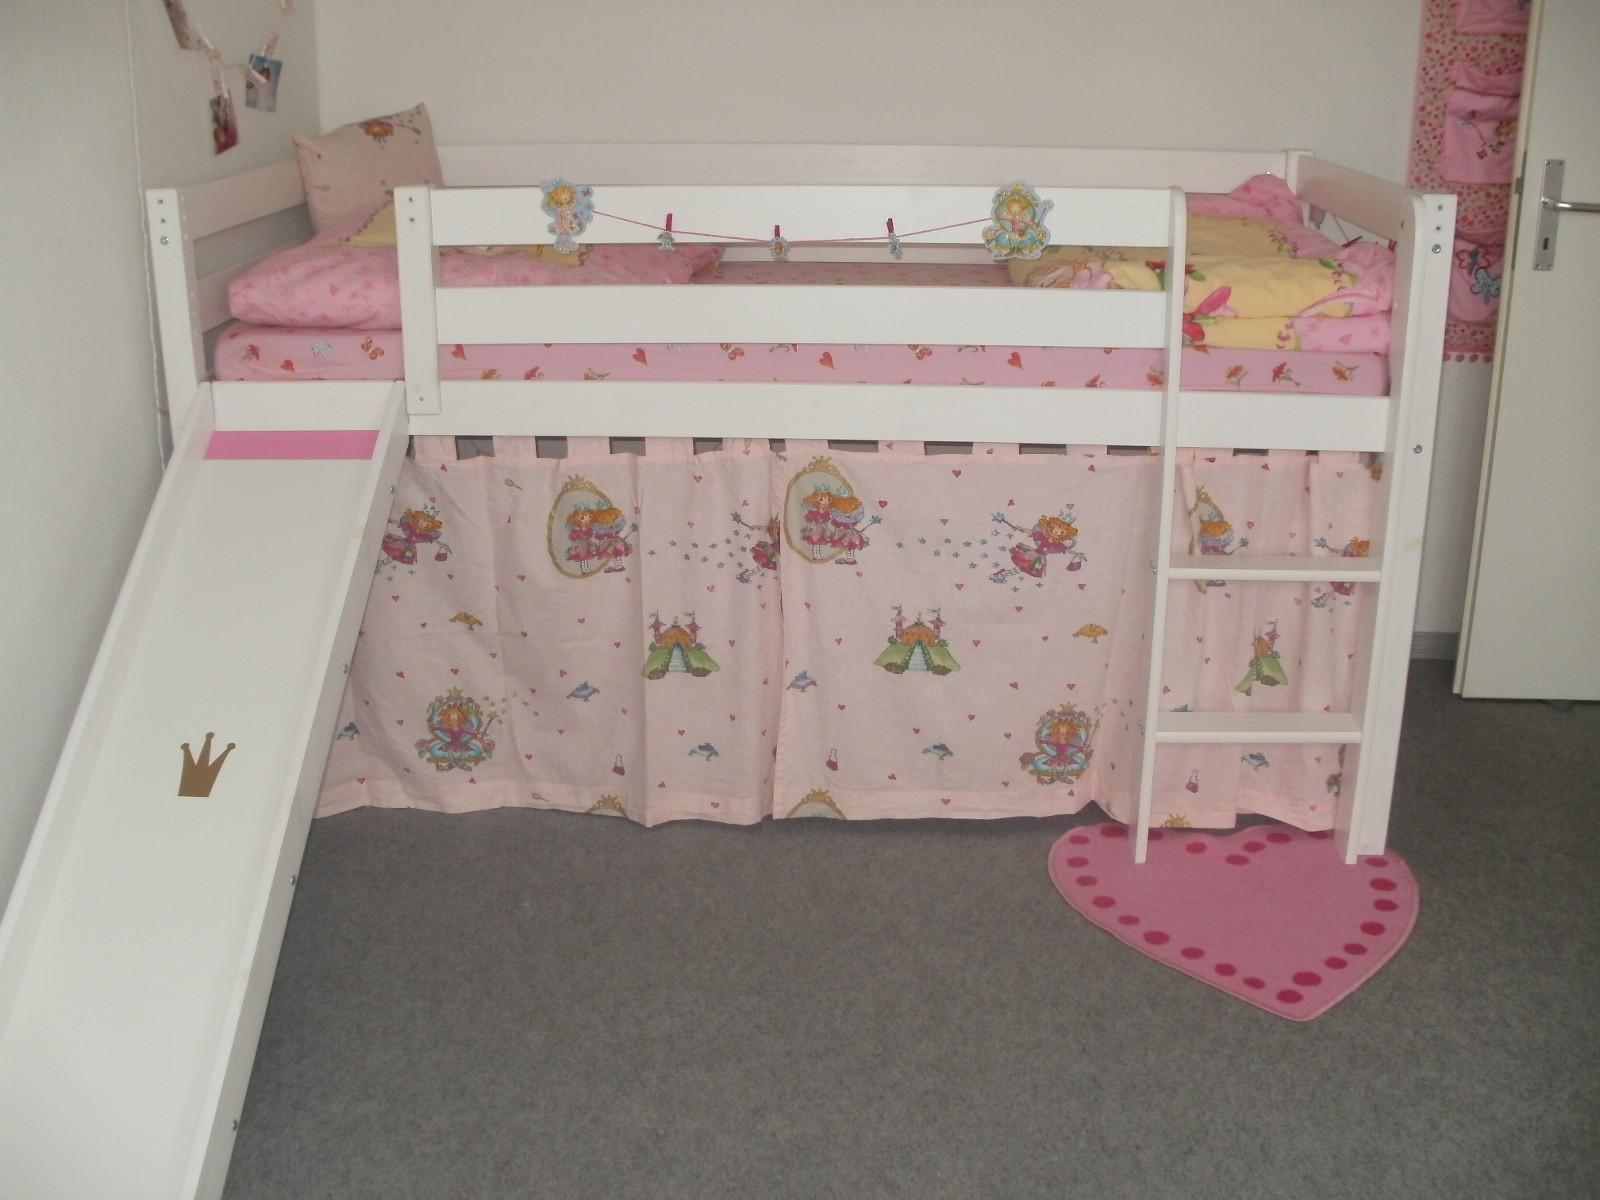 das fenster mit den ikea lampen drunter vom januar 2011. Black Bedroom Furniture Sets. Home Design Ideas